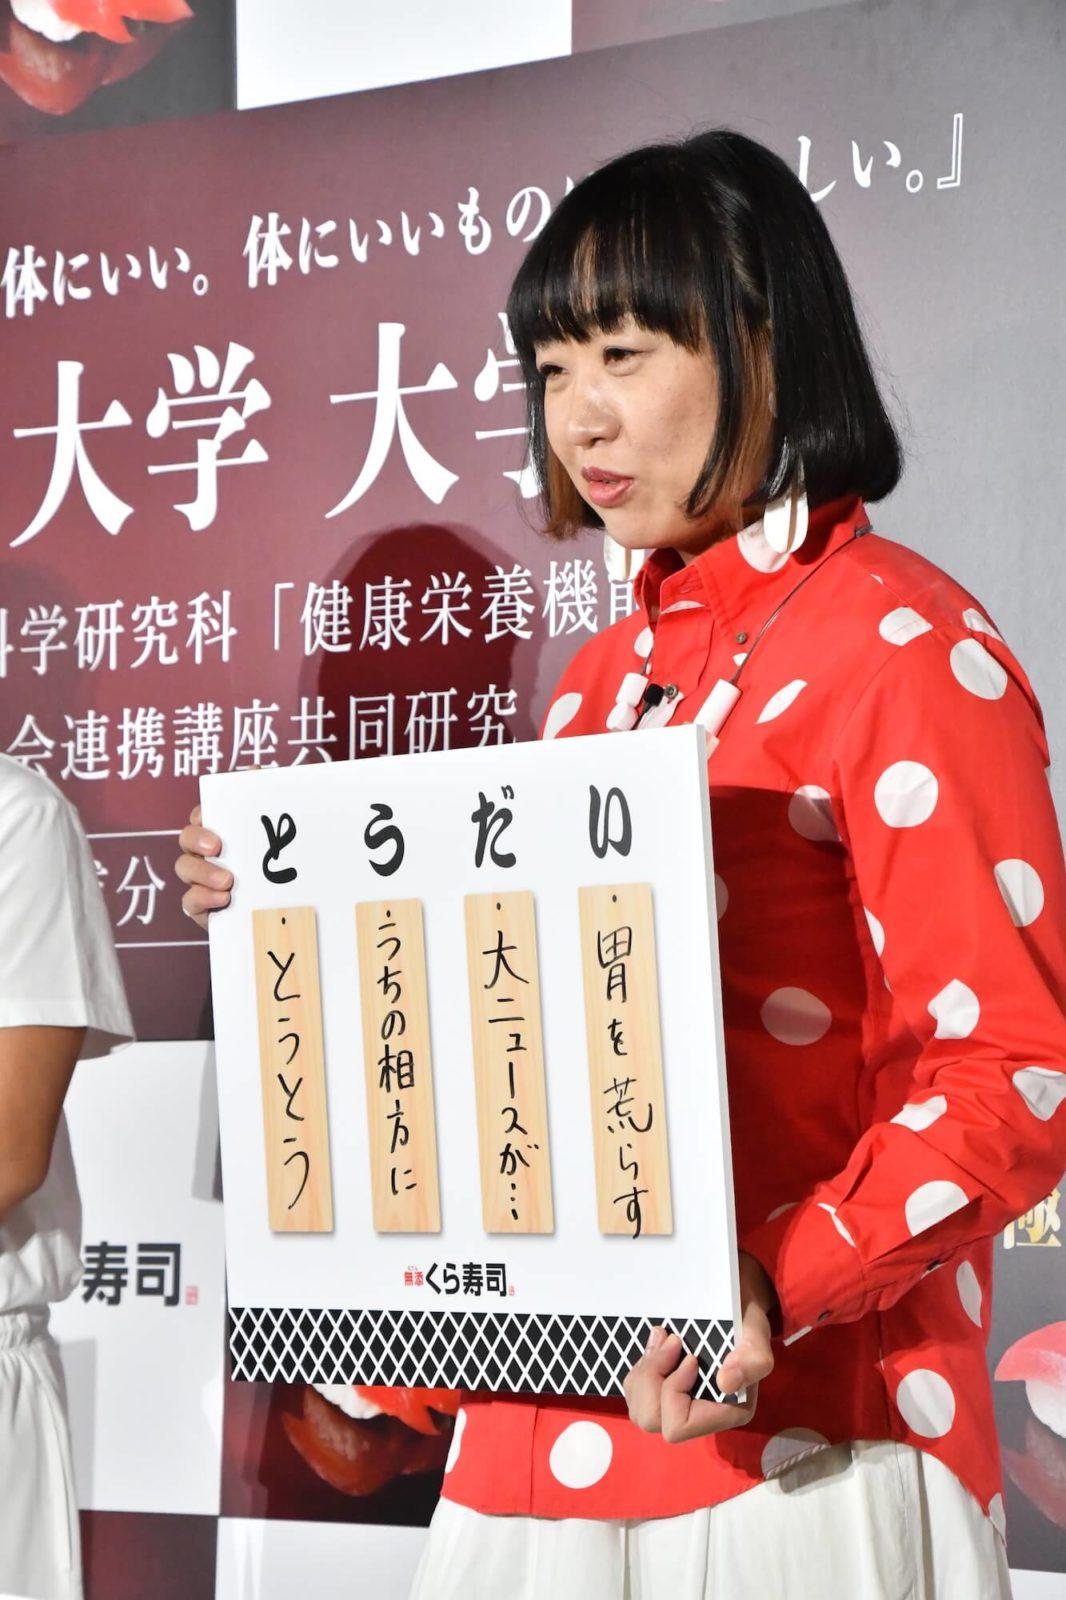 """南キャンしずちゃん、相方・山里の結婚を""""あいうえお作文""""で表現「とうとう…」画像118131"""